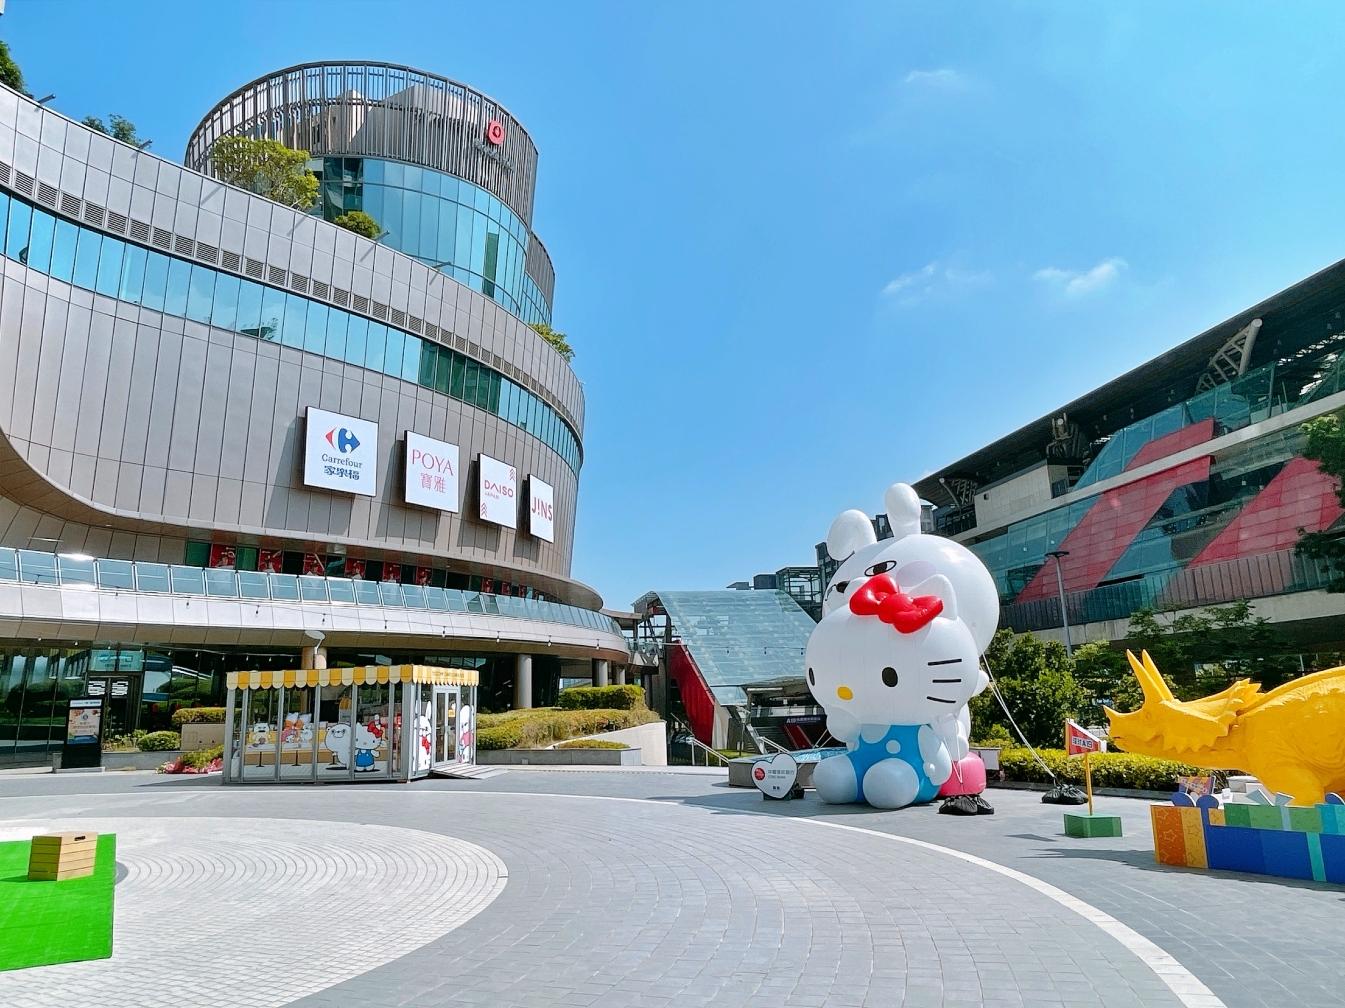 [青埔購物]Global Mall 環球桃園 A19|鄰近桃園棒球場~最新亮點三麗鷗玻璃屋、百貨最大攀岩館(實拍搶先看) @VIVIYU小世界